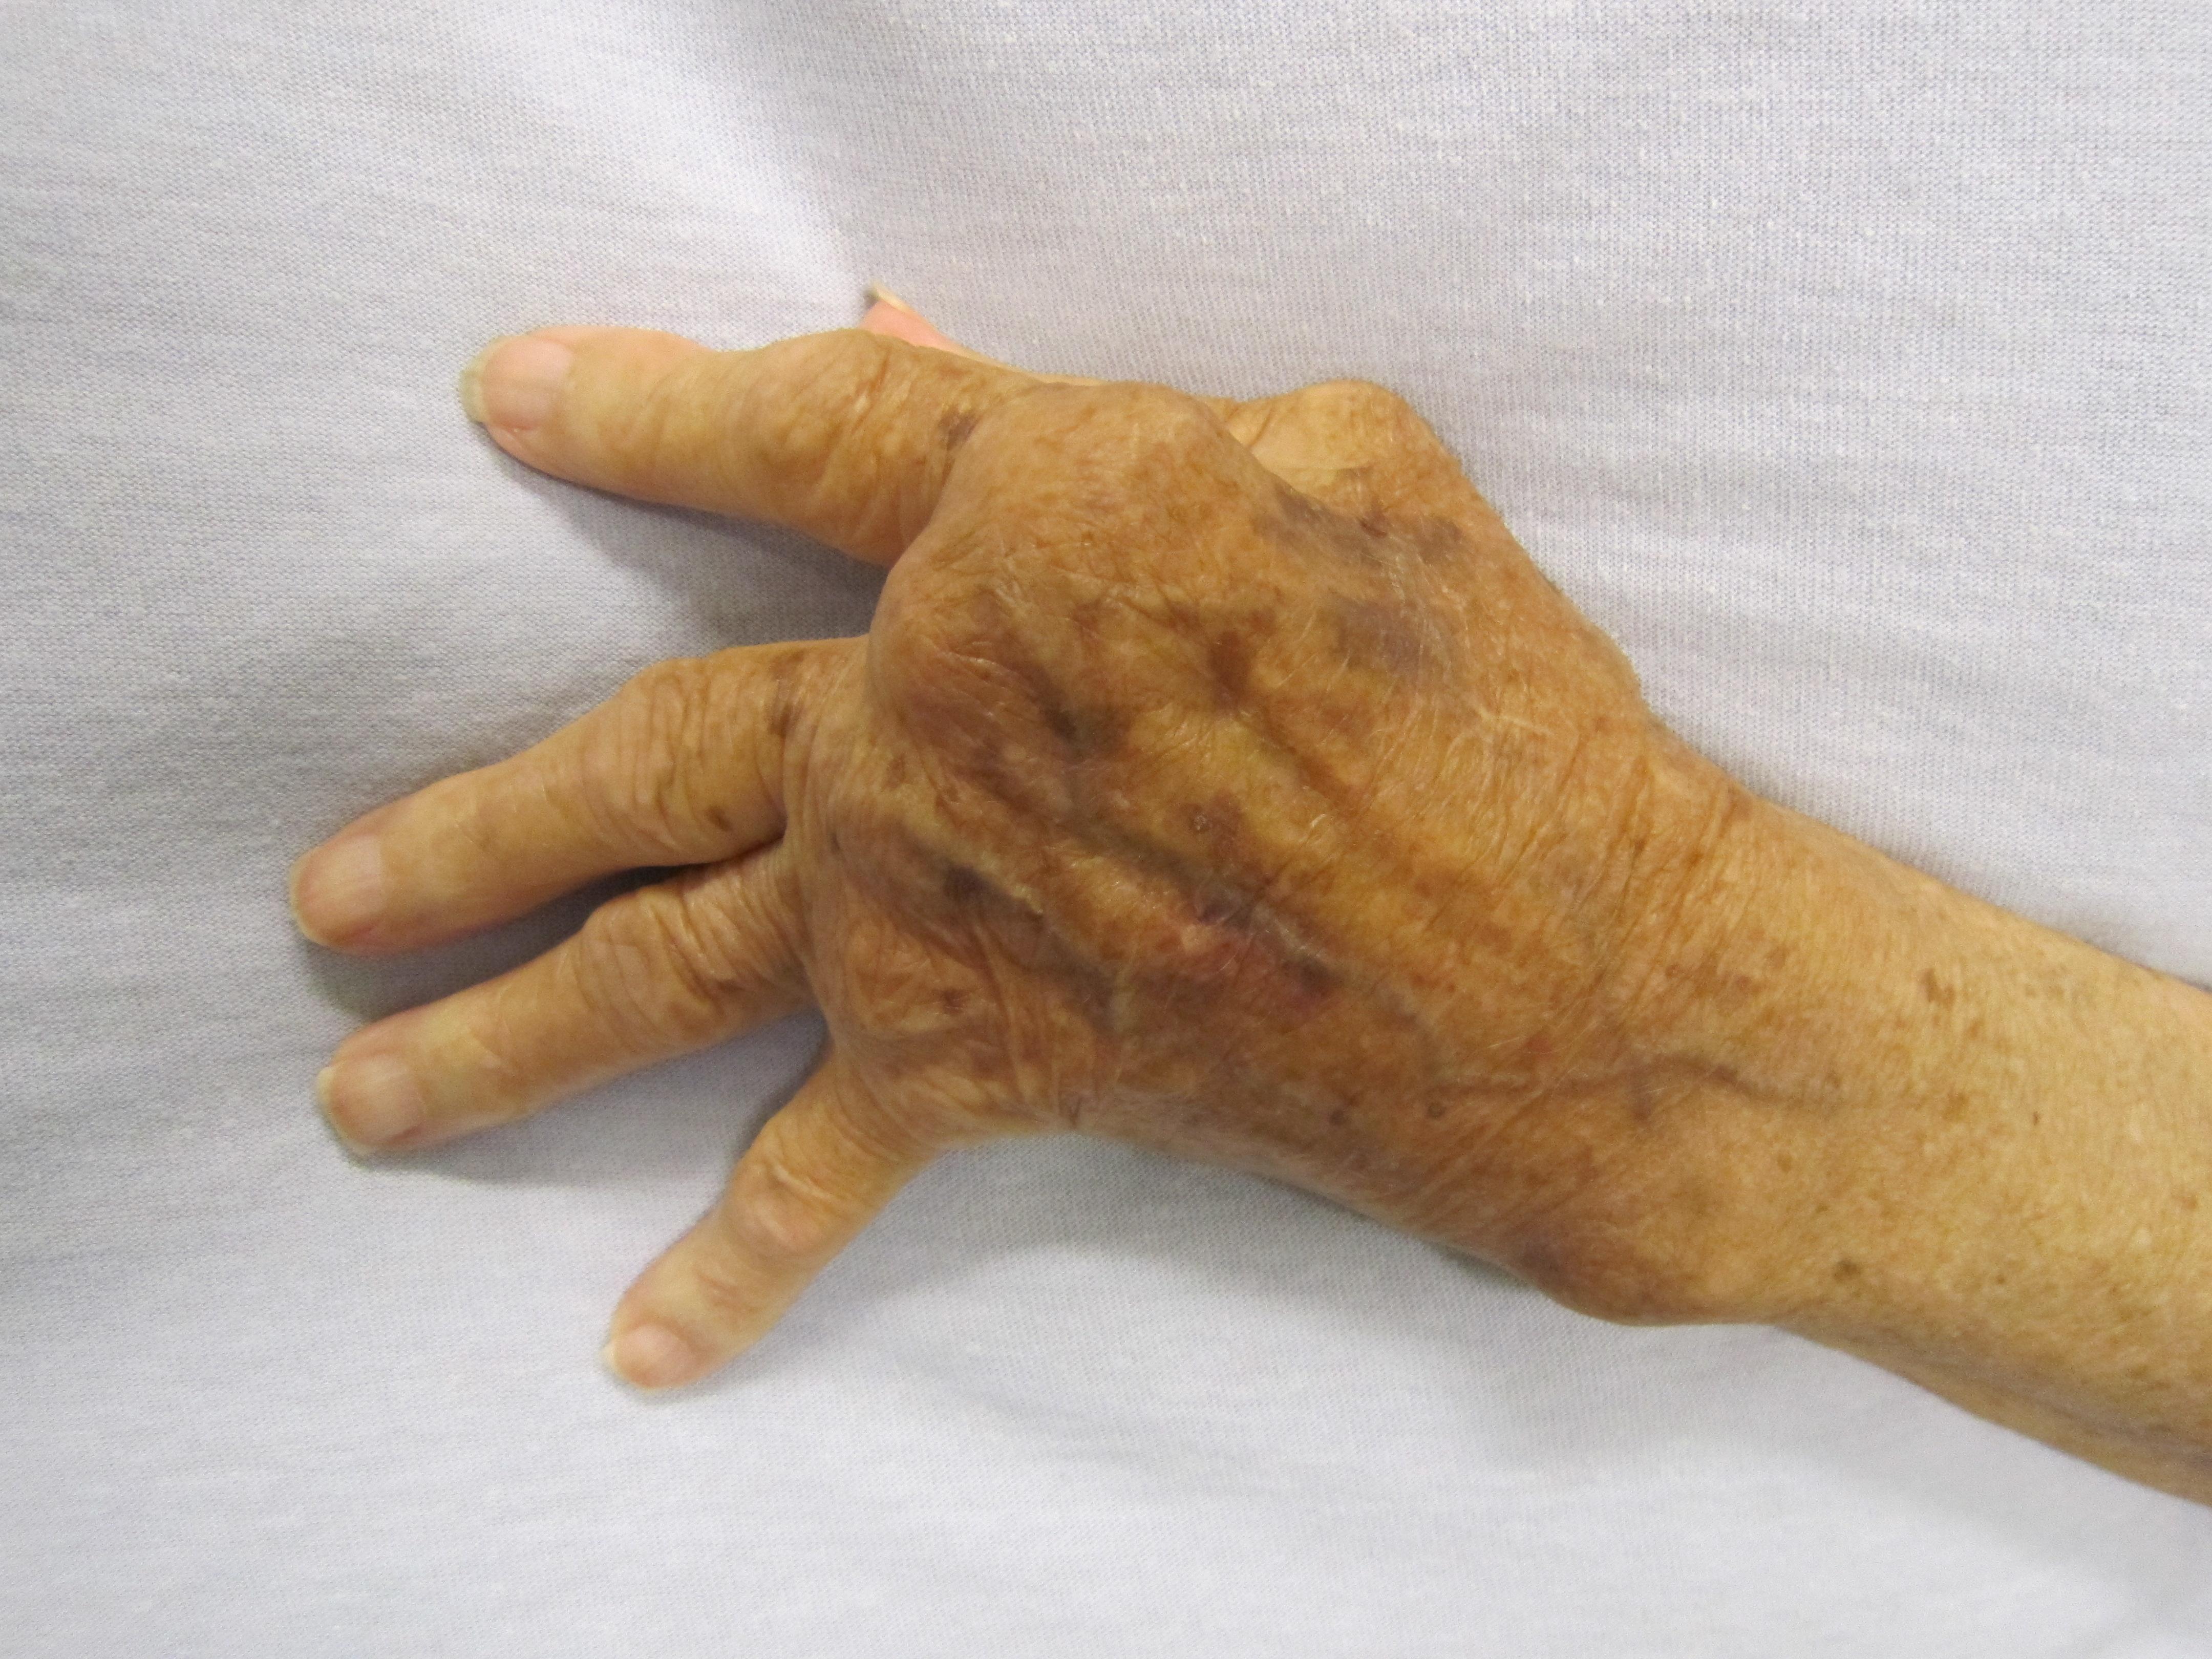 az ízület összes szövetének gyulladása latinul a lábujjízület súlyos fájdalma